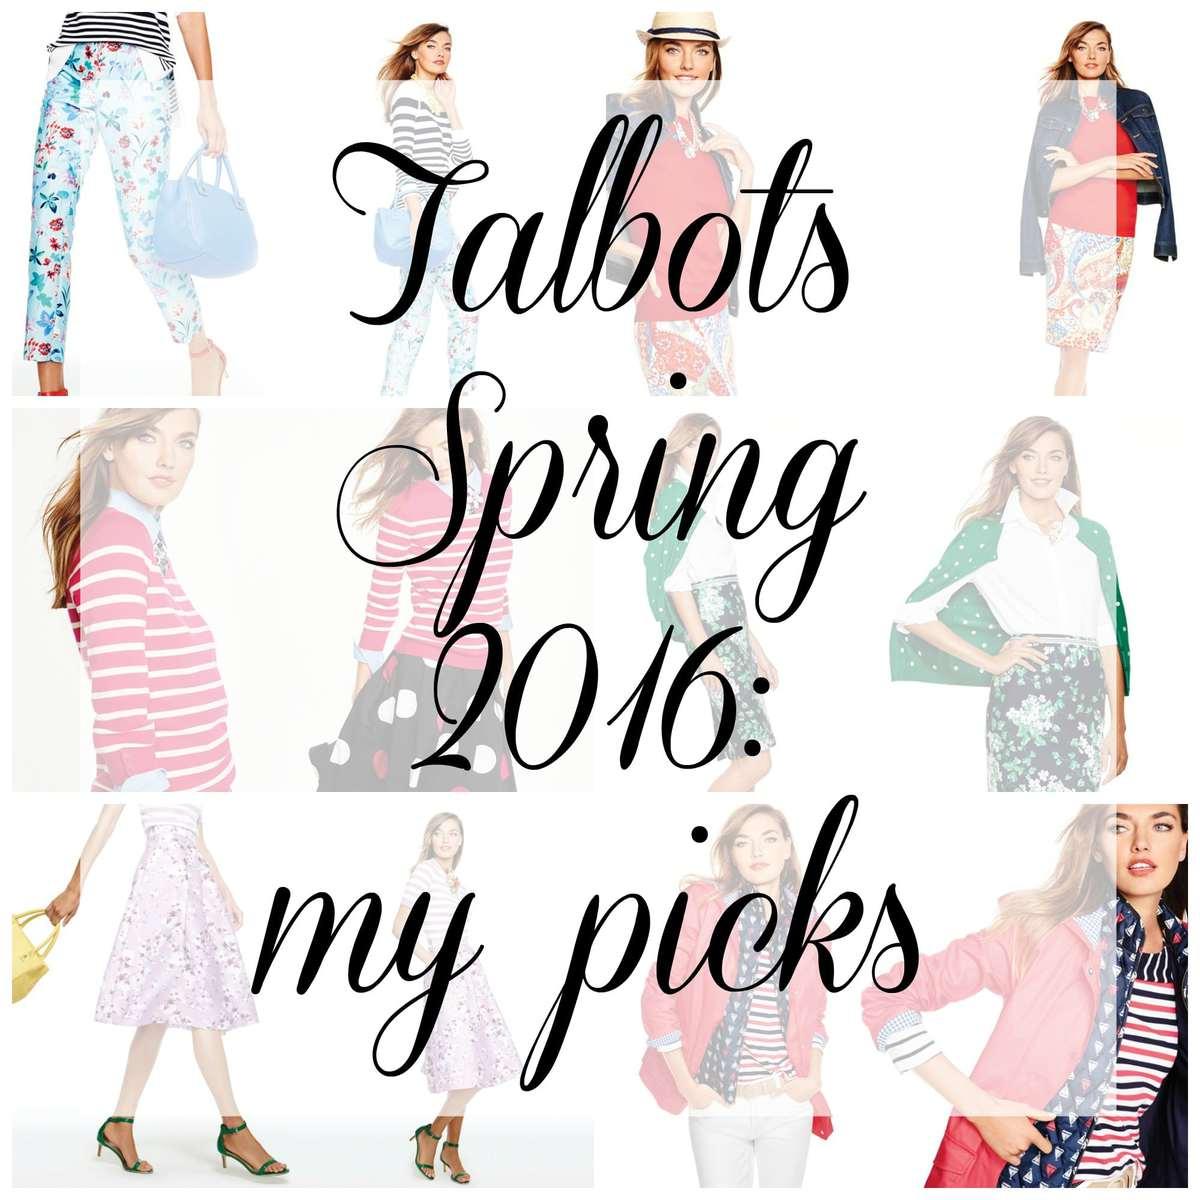 talbots spring 2016 - my picks by Wardrobe Oxygen